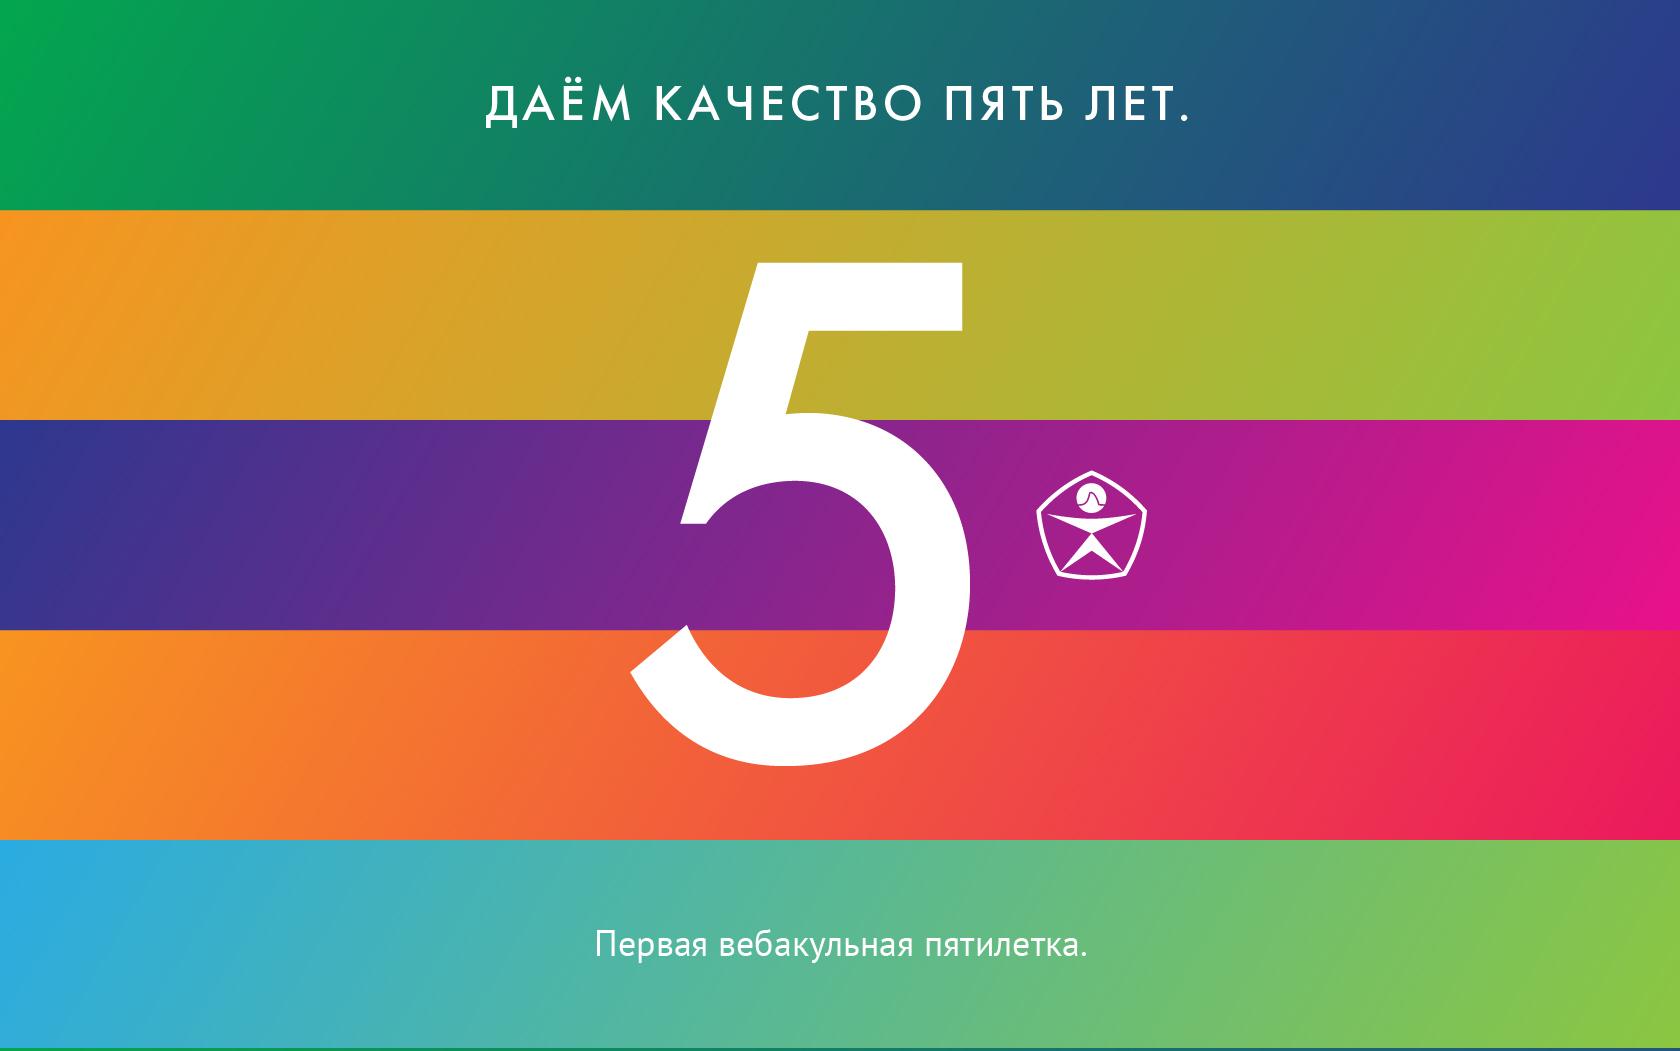 Веб, труд, май или первая пятилетка Webakula